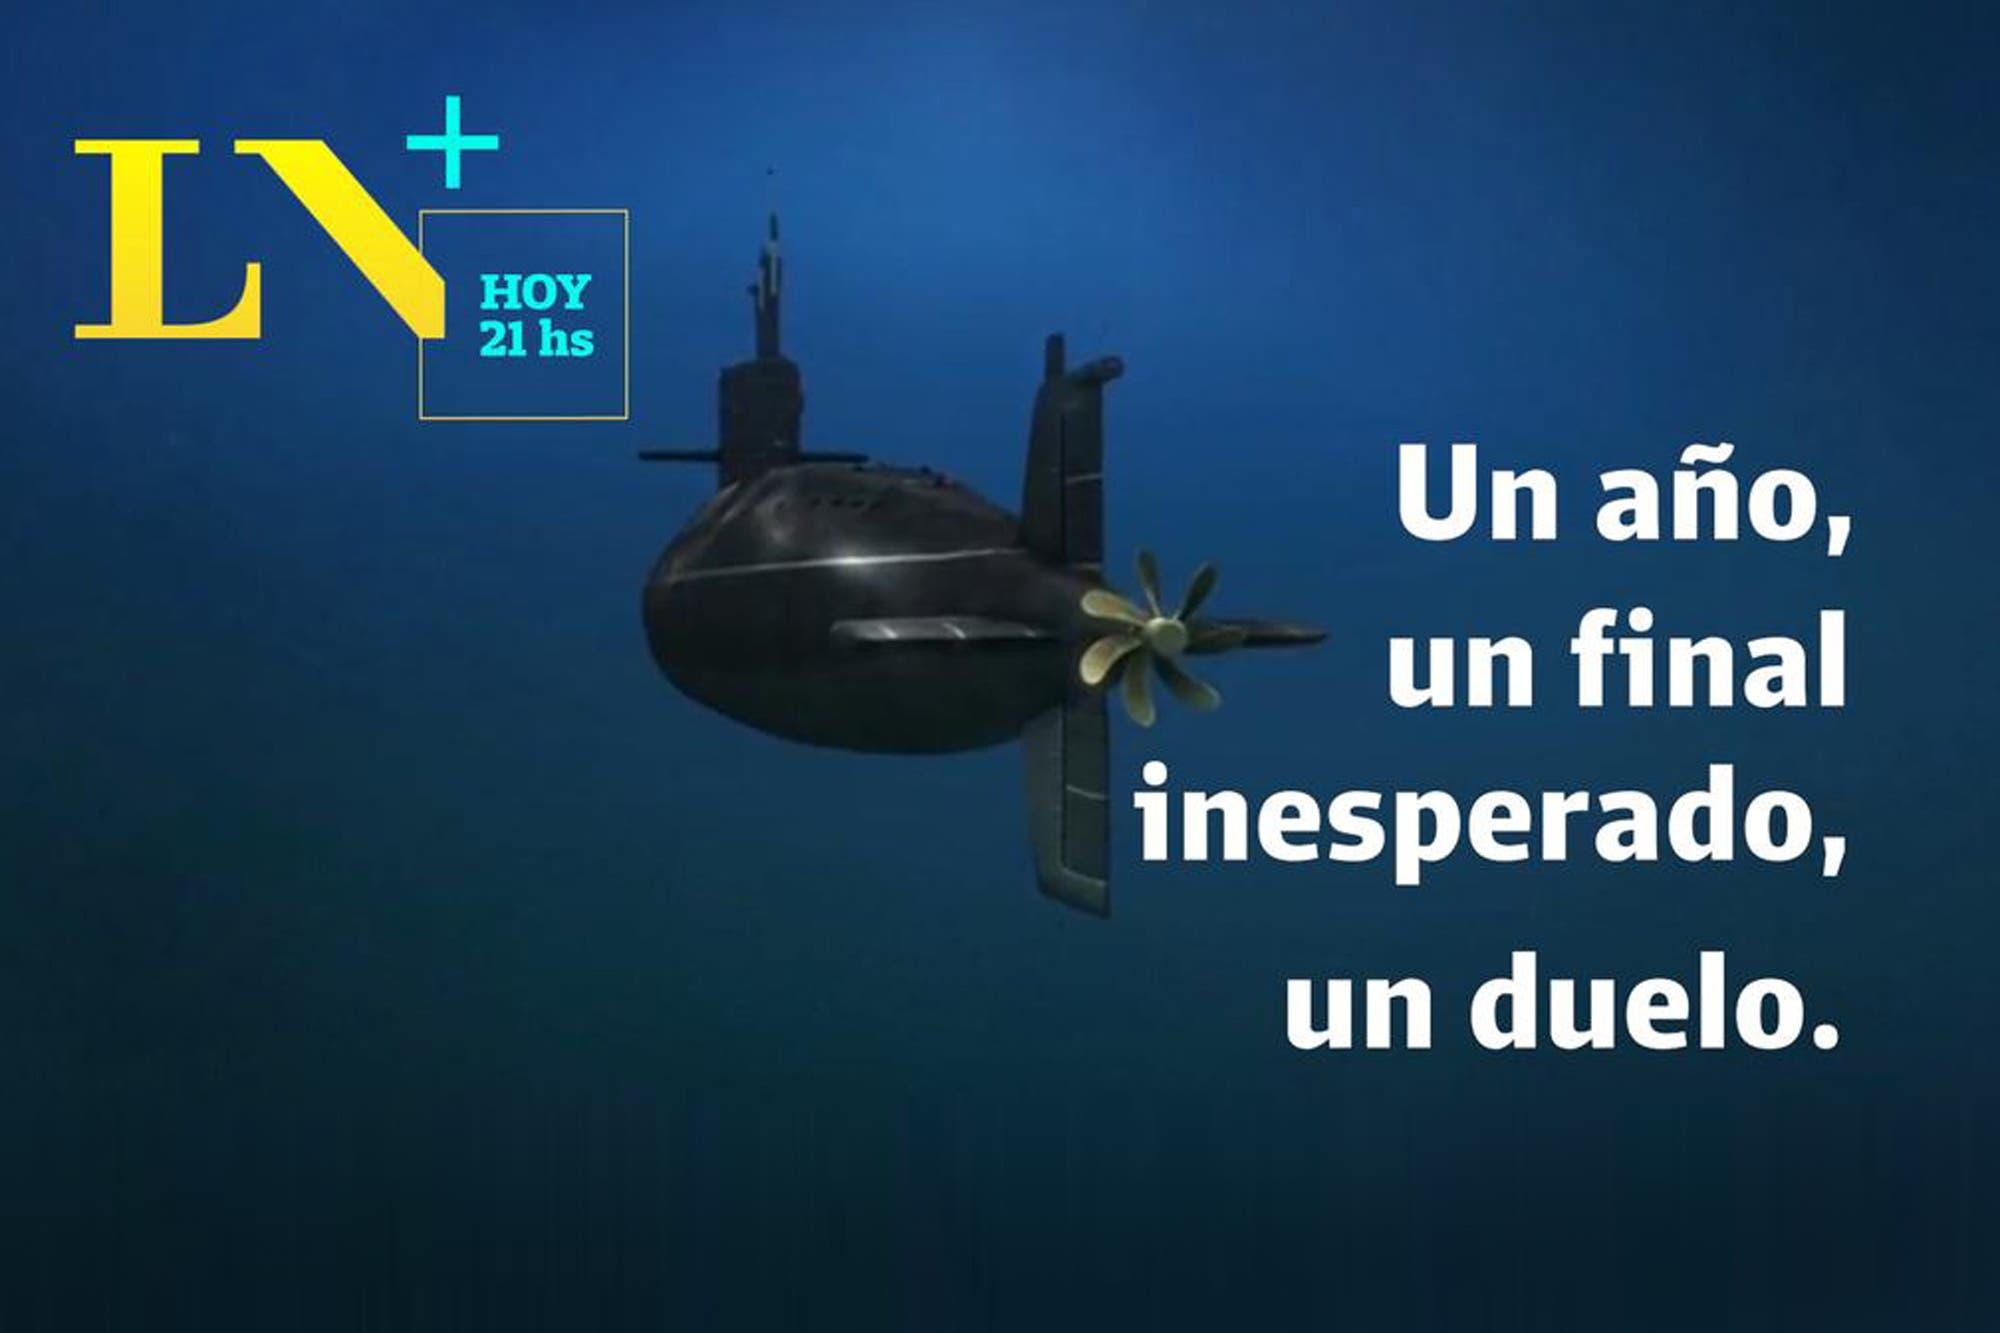 Un año, un final inesperado, un duelo: programa especial por la aparición del submarino ARA San Juan, hoy en vivo a las 21hs